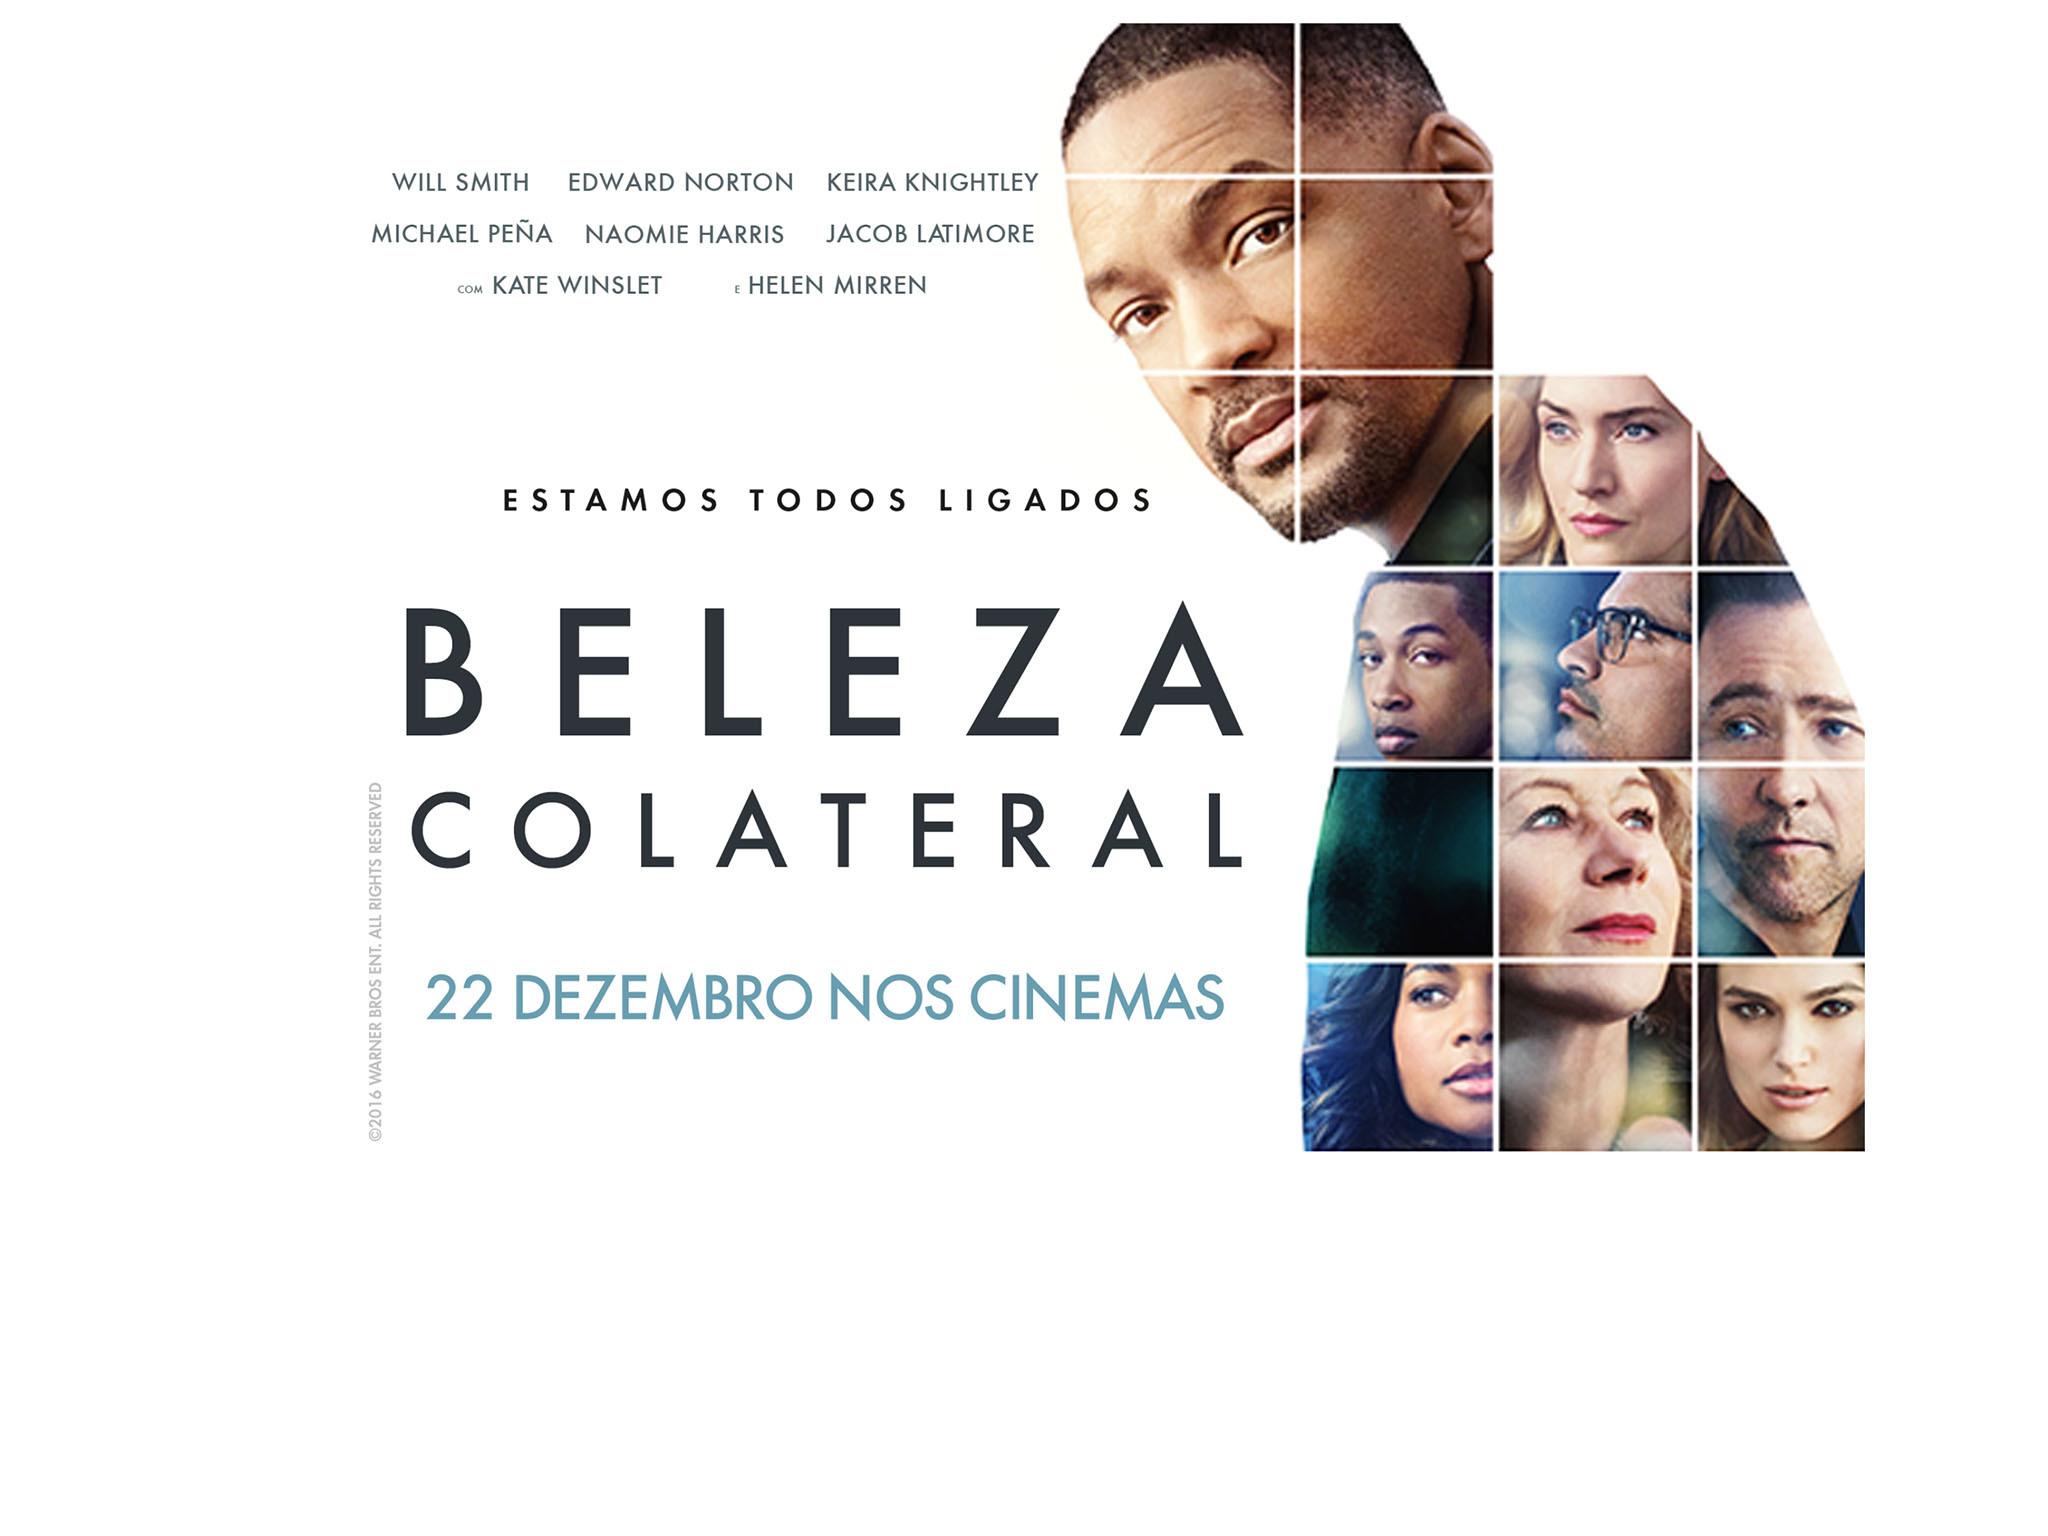 Ante-estreia do filme Beleza Colateral